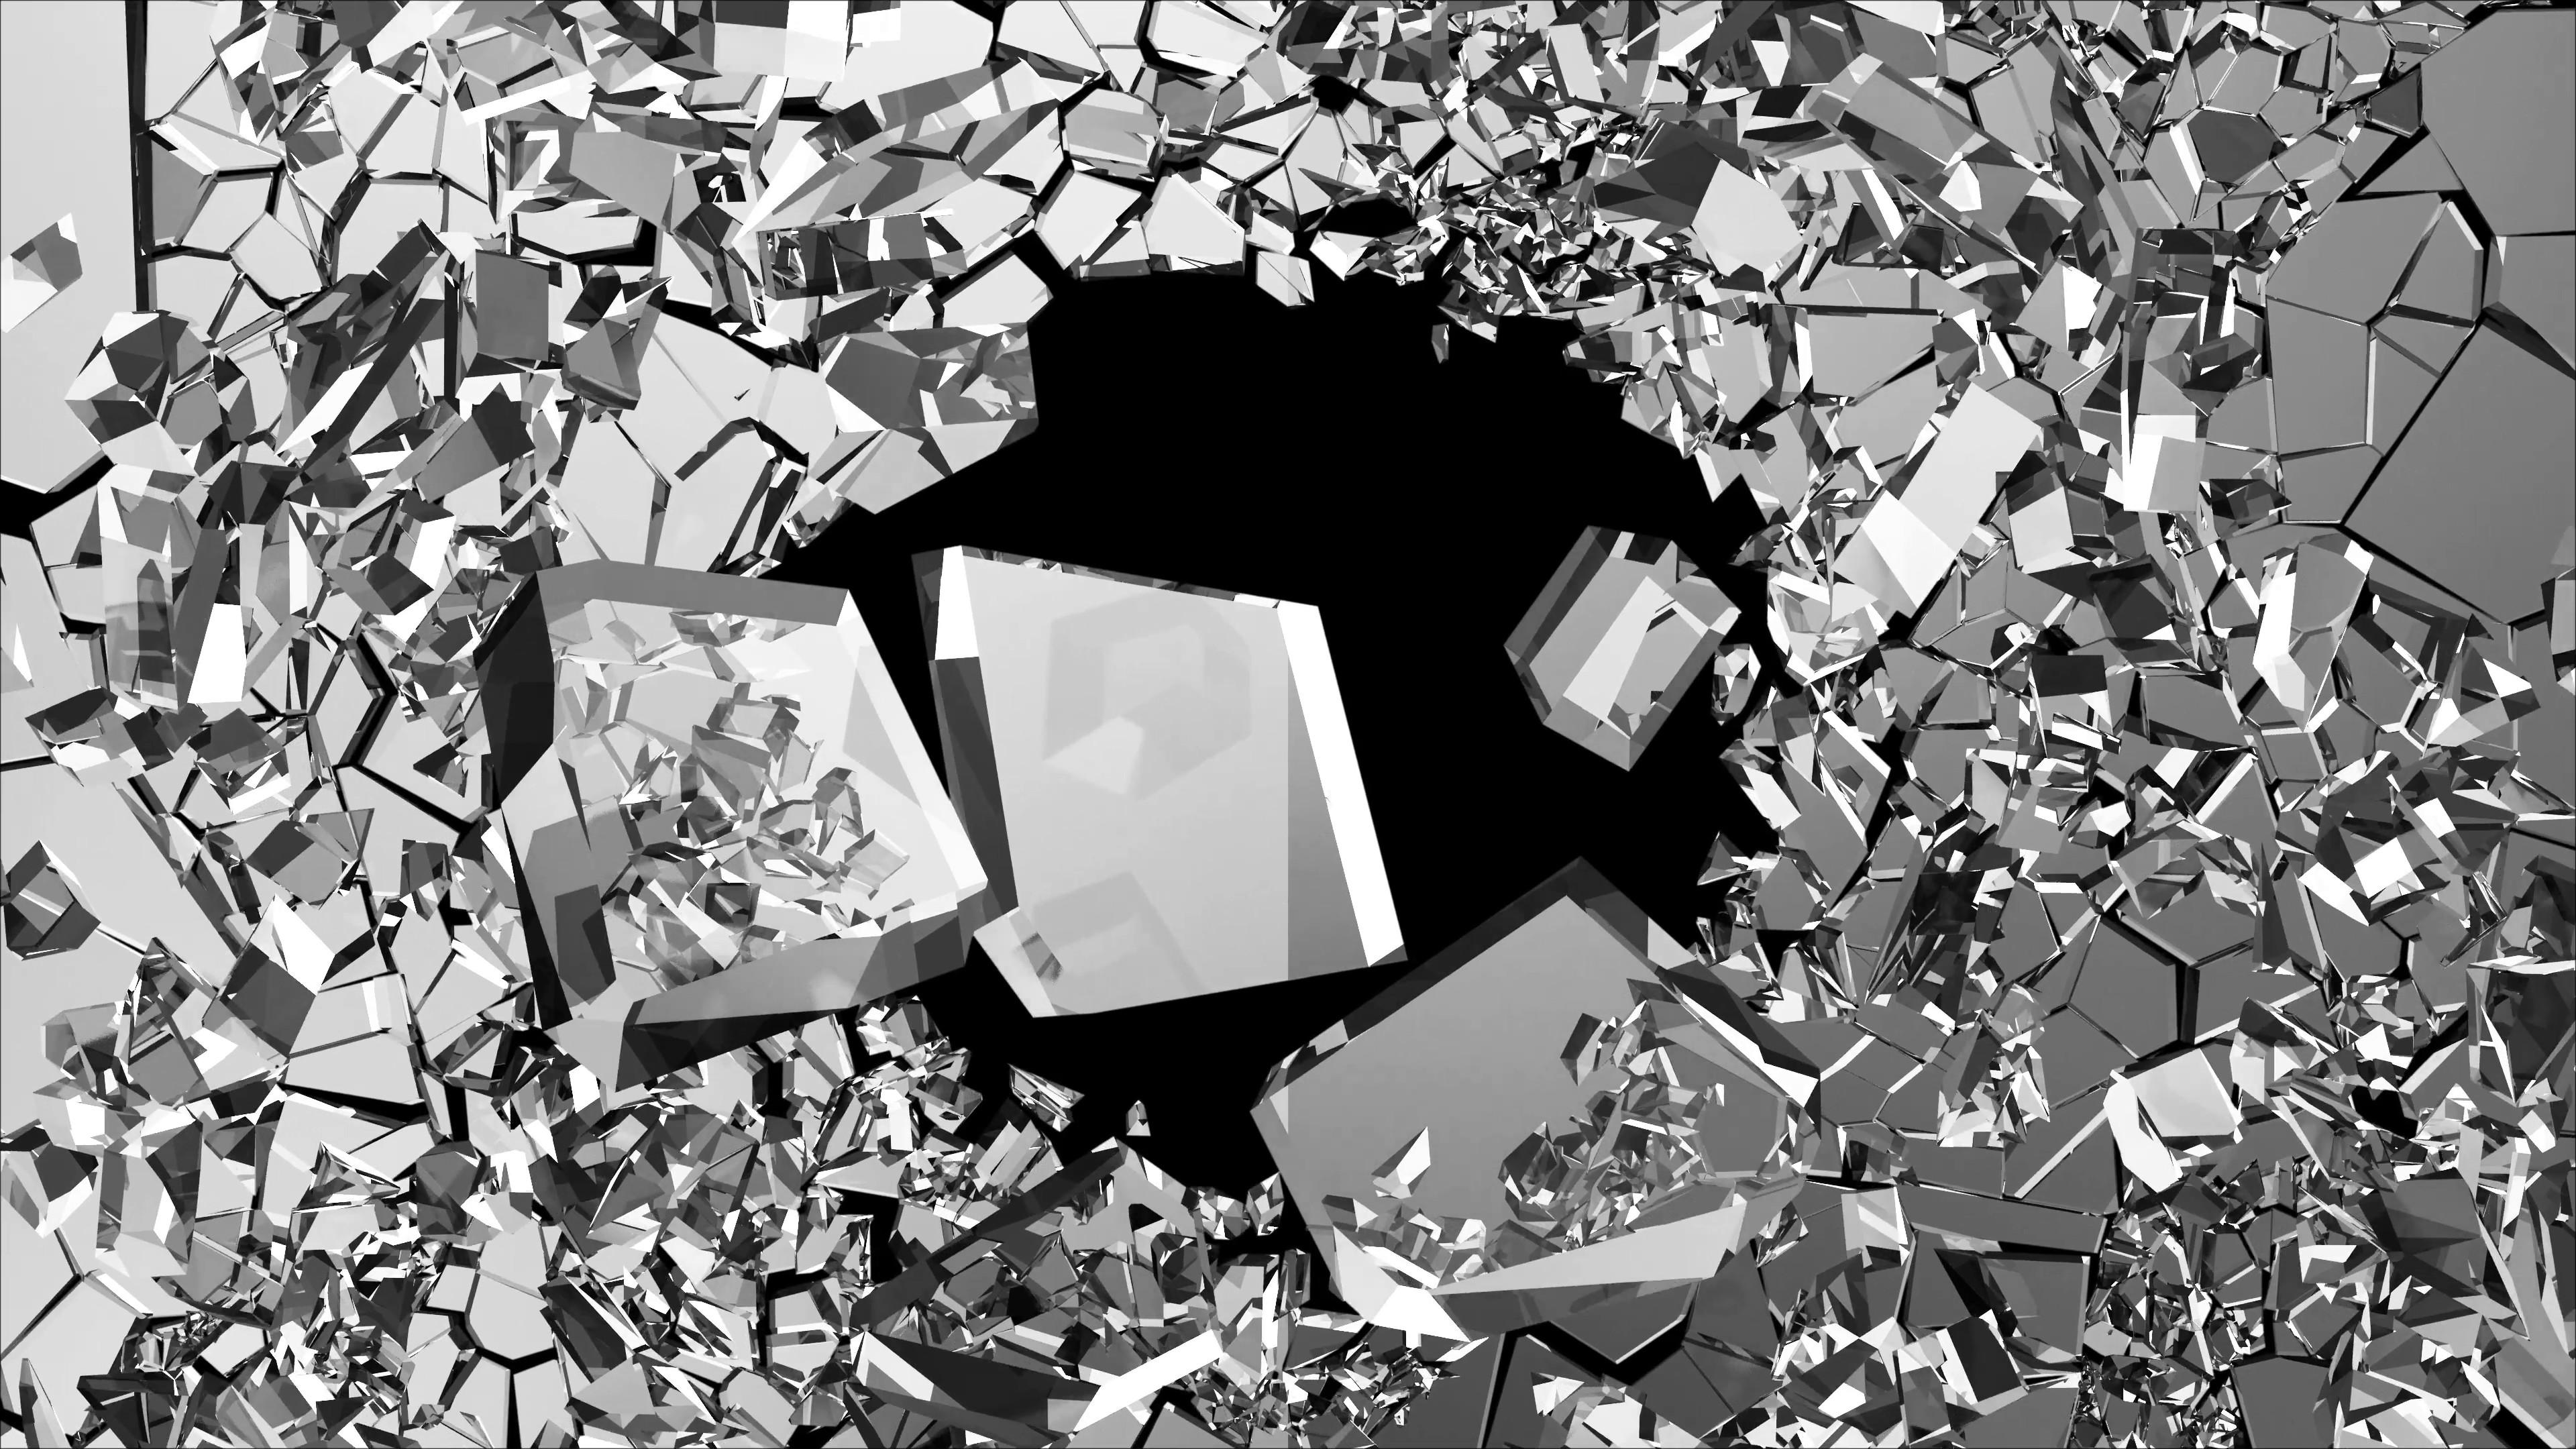 download broken glass 2560x1440 - photo #30